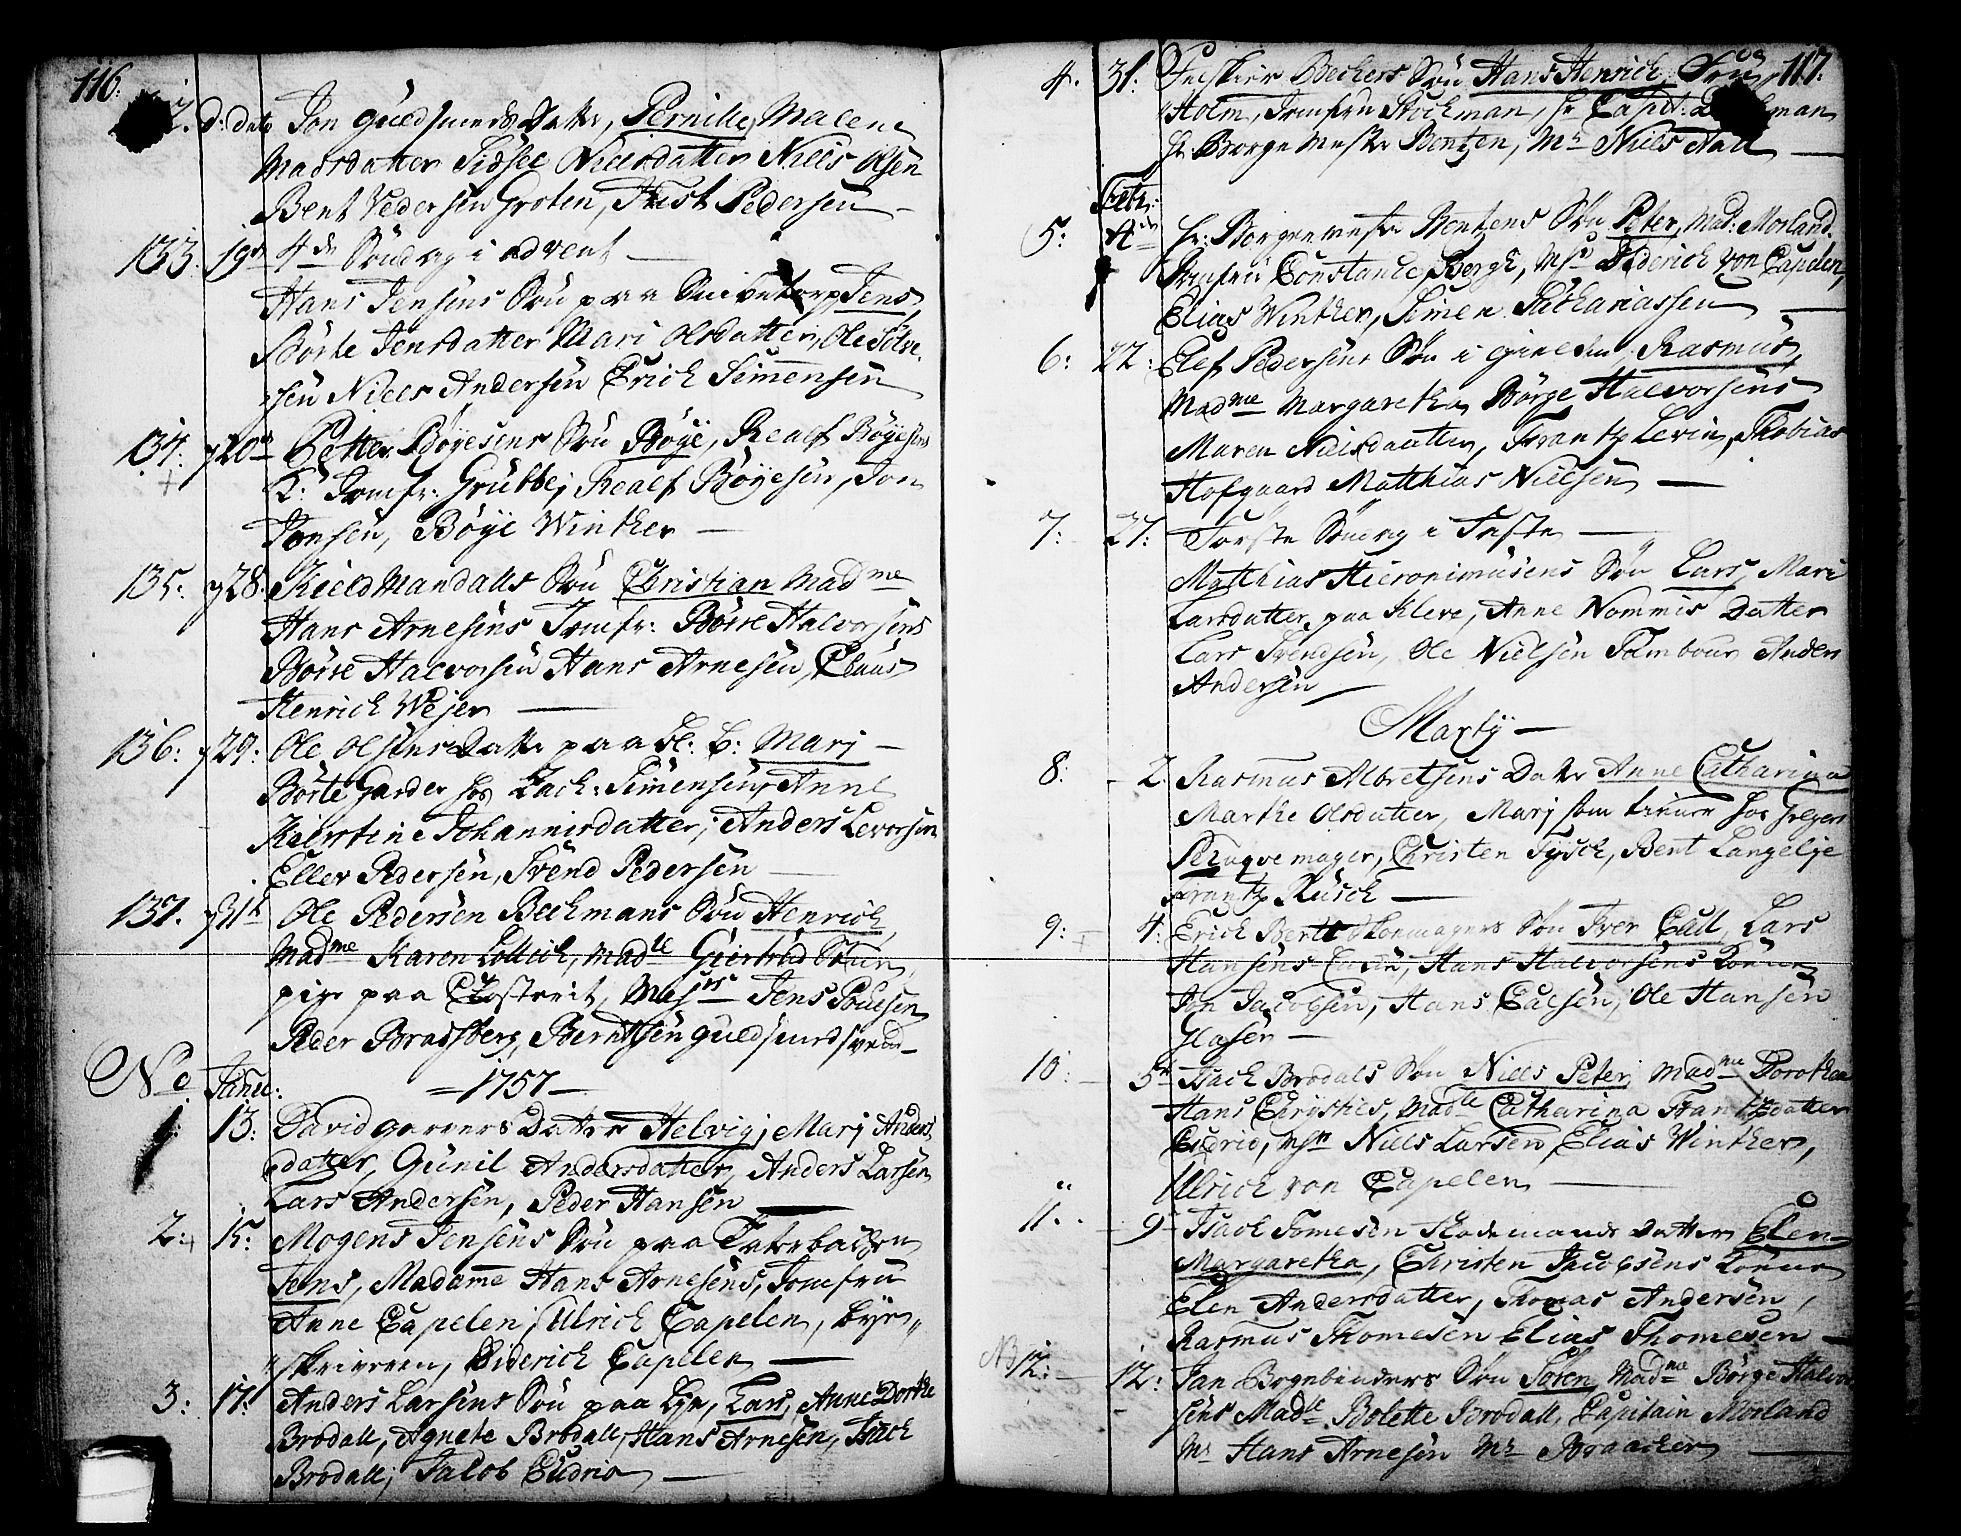 SAKO, Skien kirkebøker, F/Fa/L0003: Ministerialbok nr. 3, 1755-1791, s. 116-117